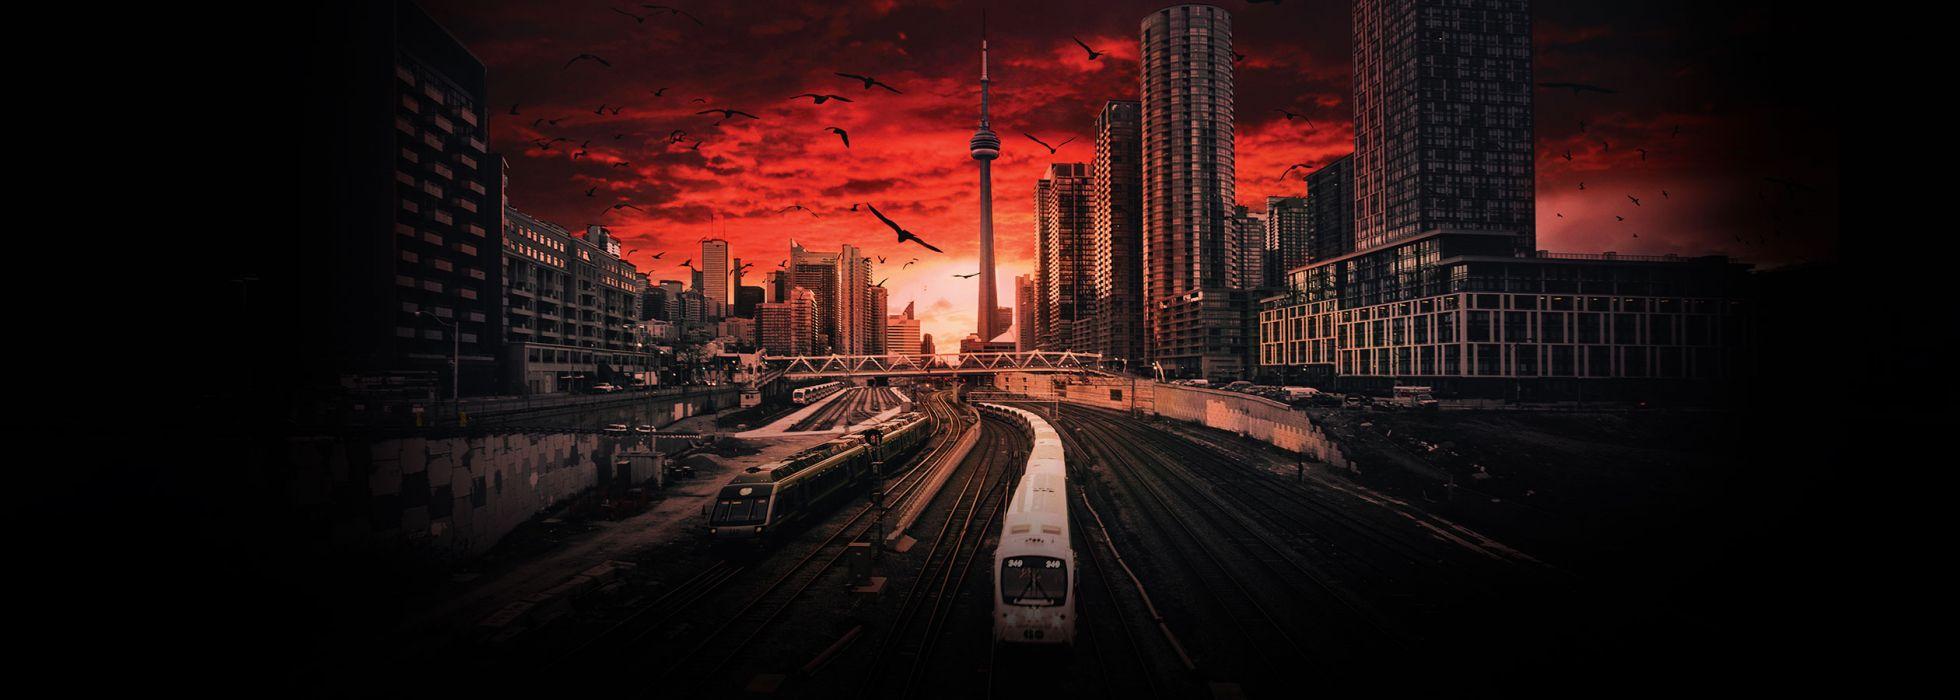 Toronto FC mls soccer sports wallpaper 2520x900 1188522 1960x700